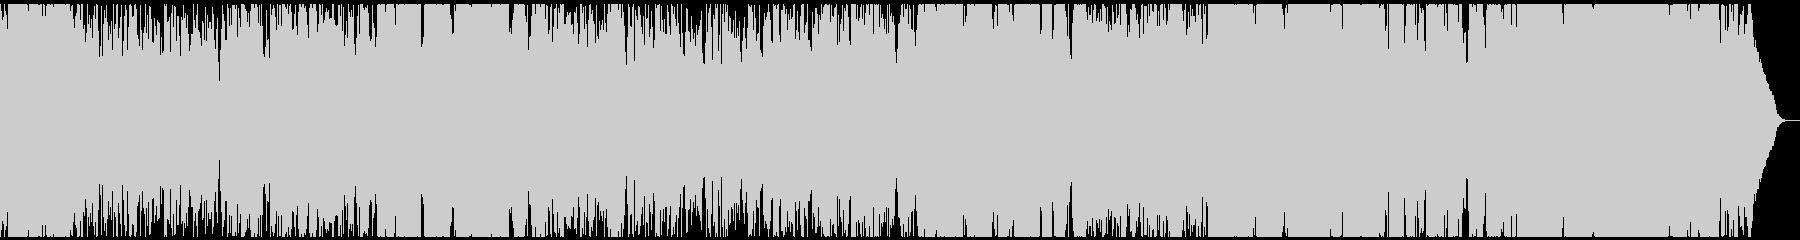 サックスピアノが印象的なお洒落BGM の未再生の波形